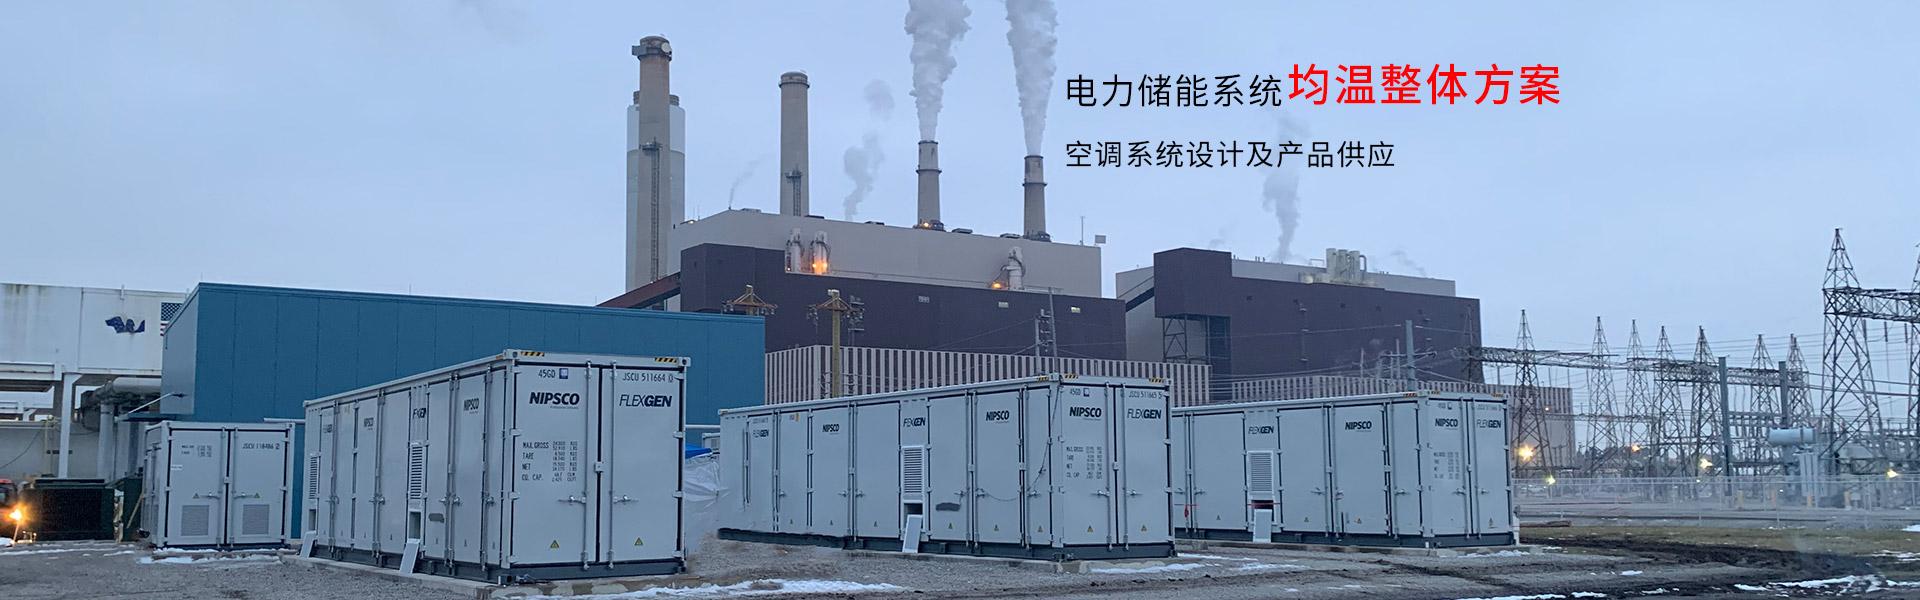 上海工业/集装箱空调-高温特种/UL认证空调-上海盖鼎精密制冷设备有限公司